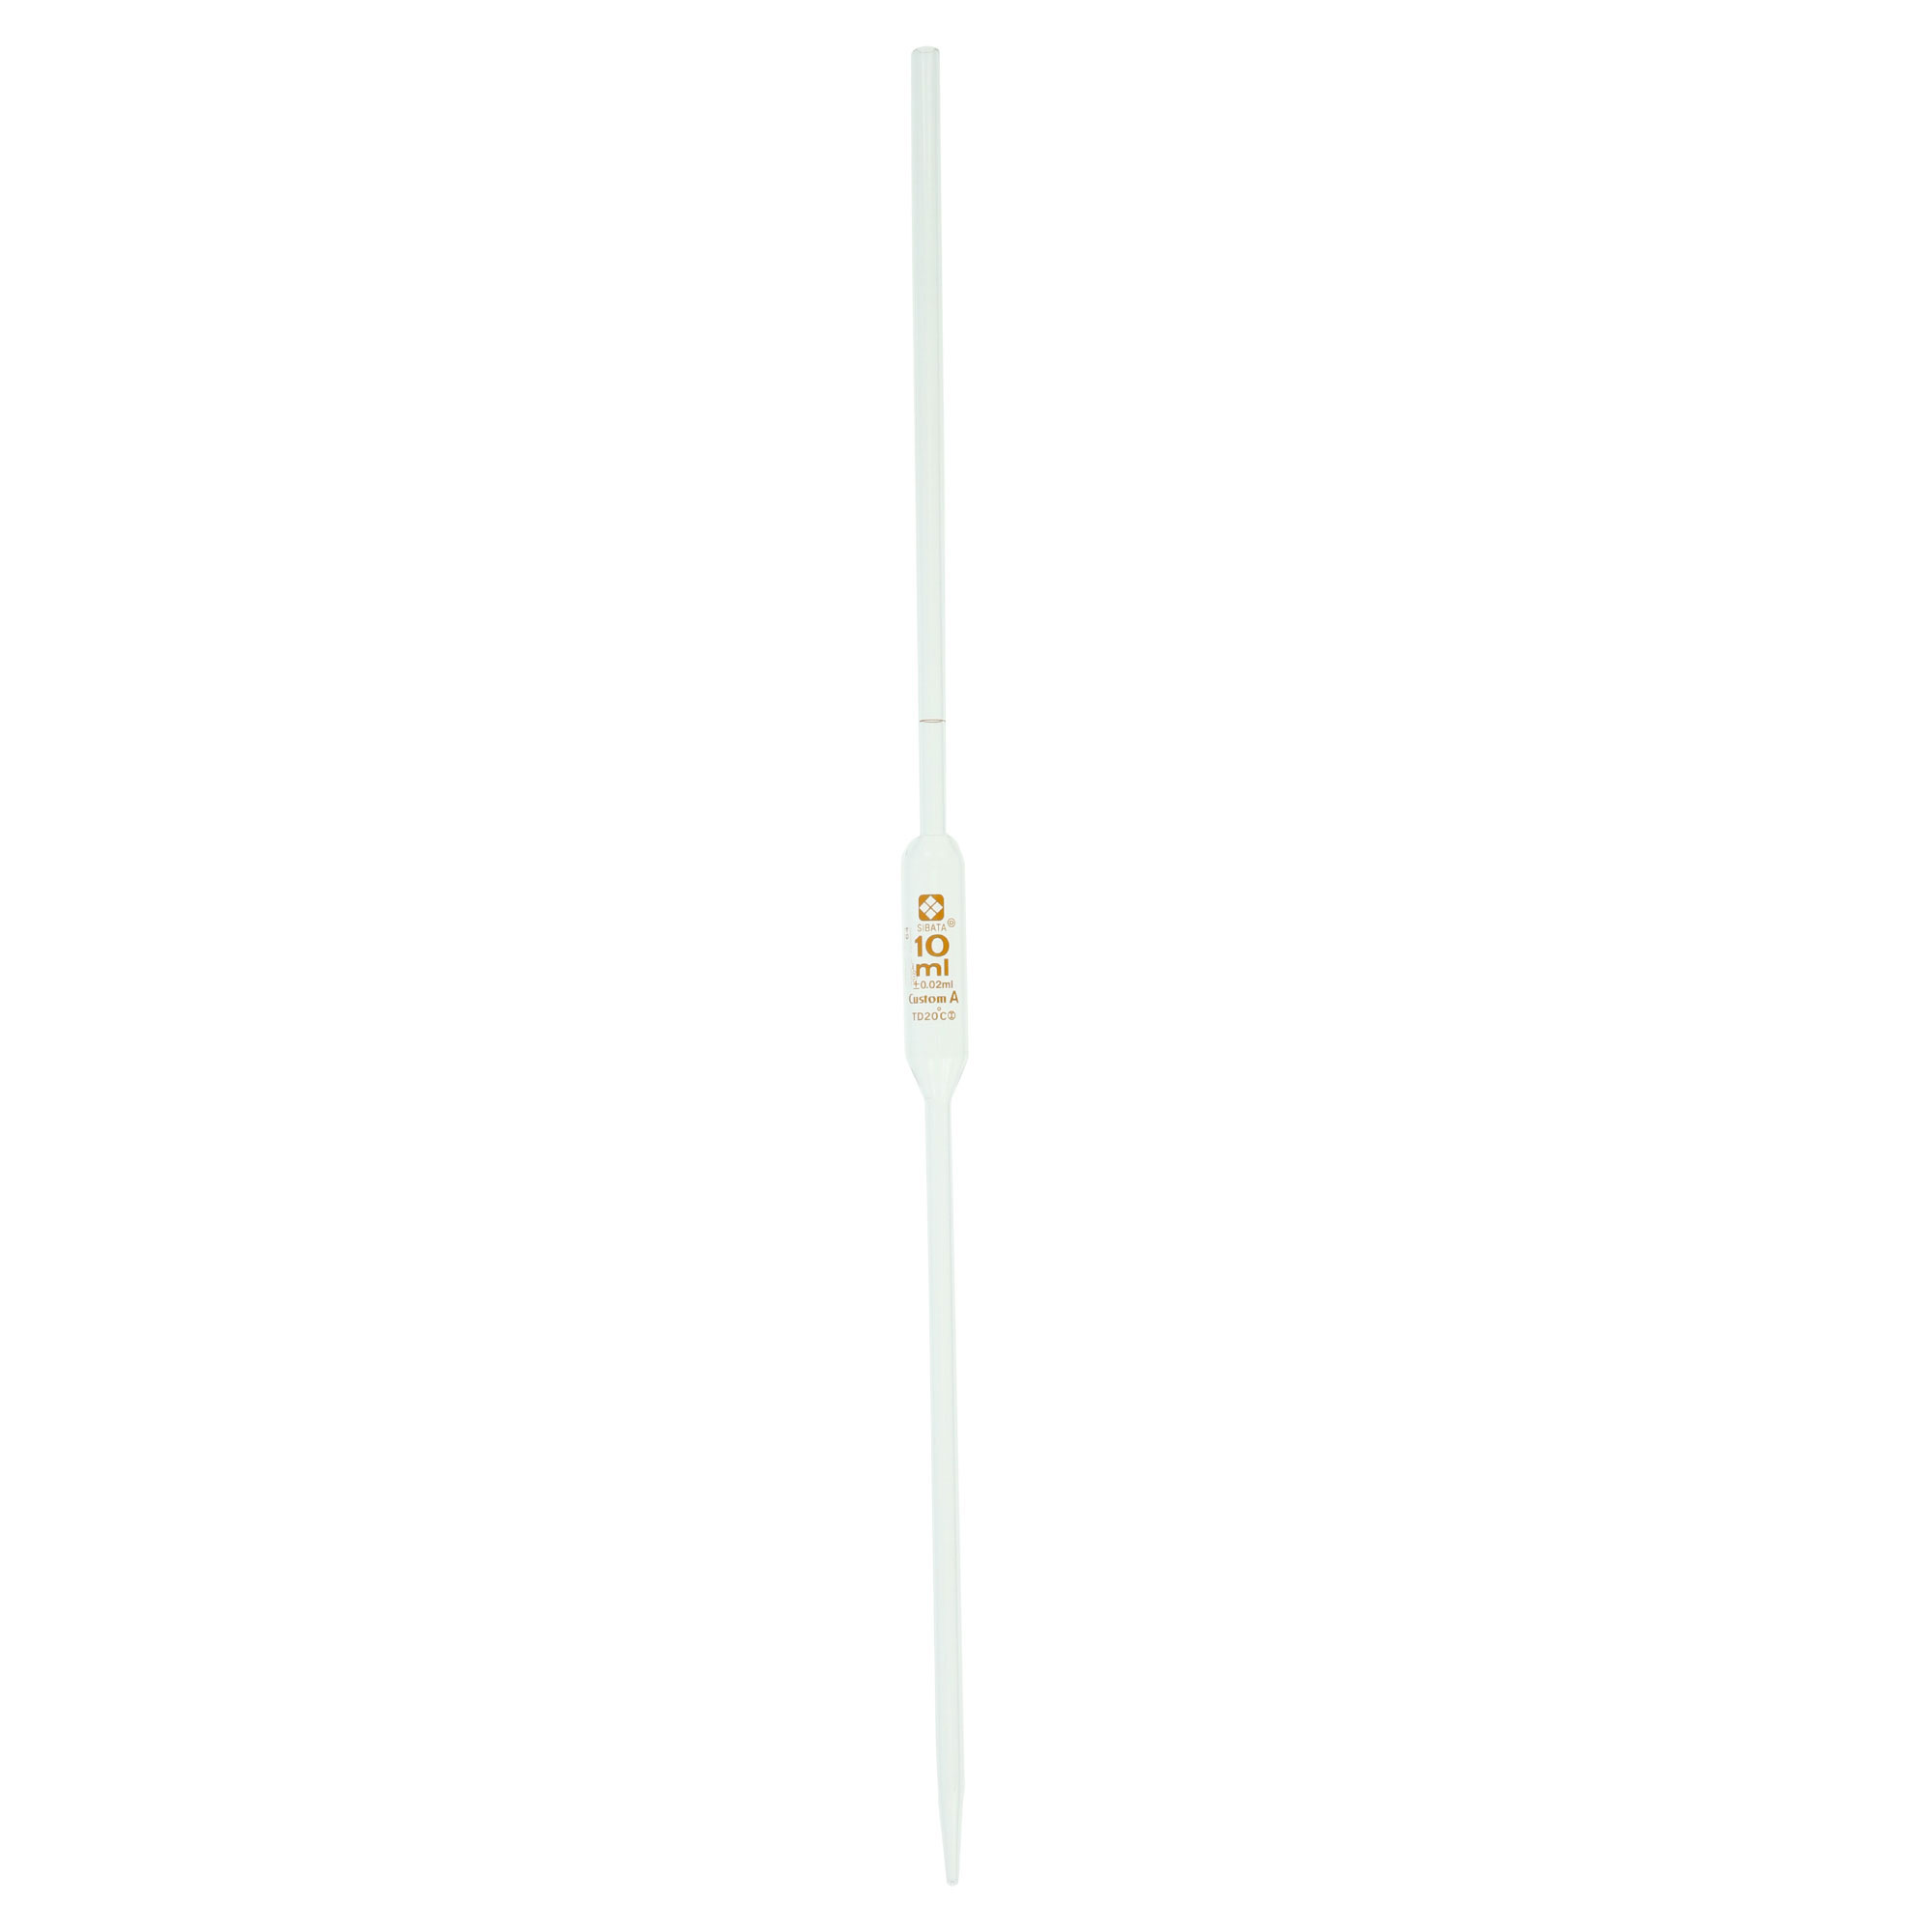 ホールピペット カスタムA 4mL(10本)